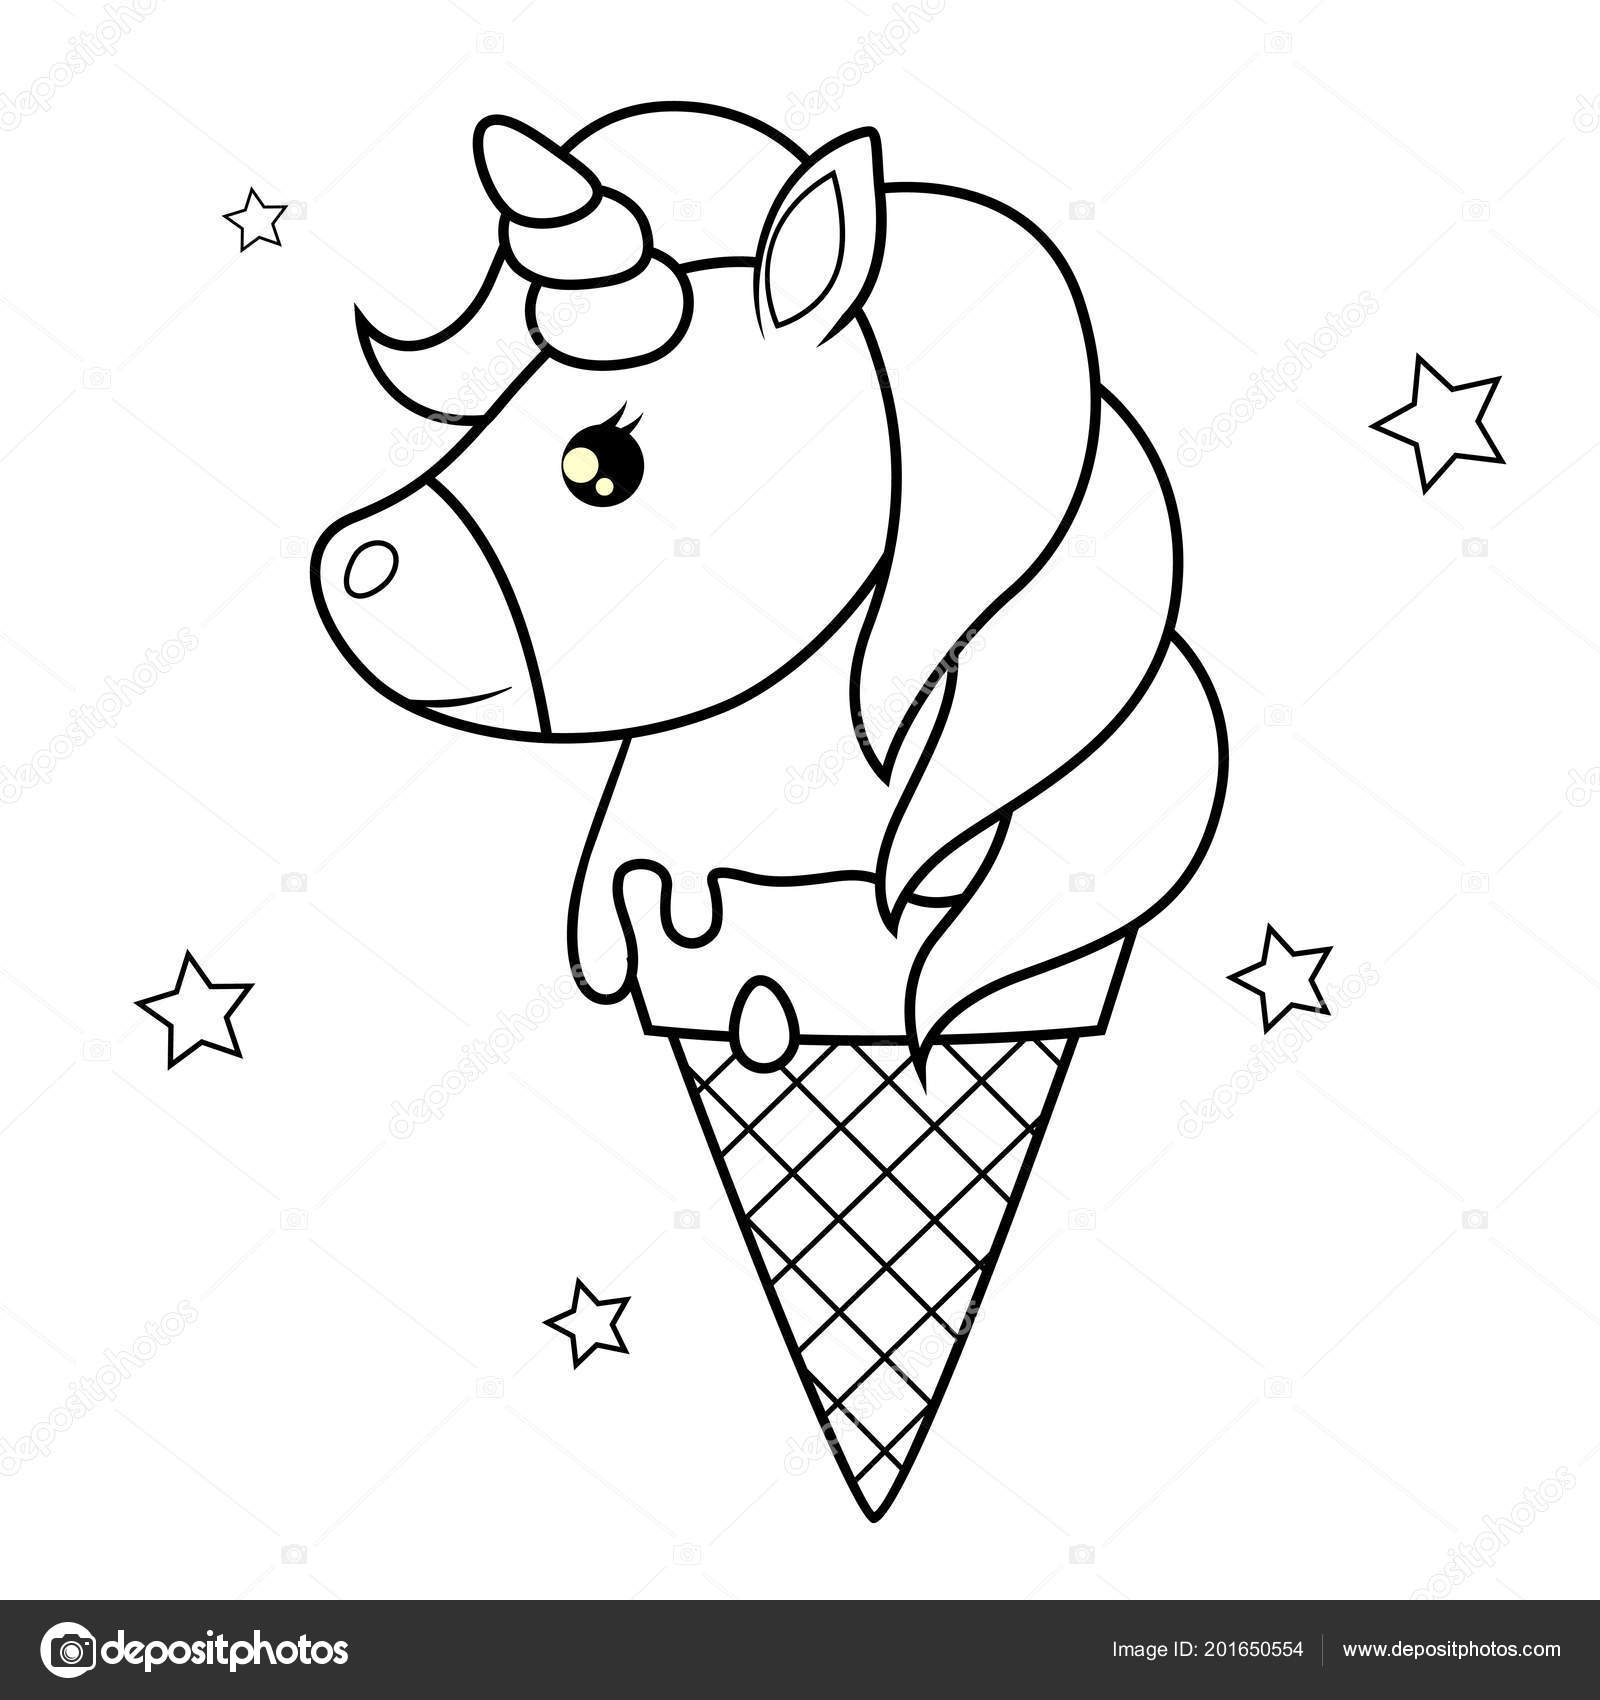 Sevimli çizgi Tek Boynuzlu Dondurma Boyama Kitabı Için Siyah Beyaz